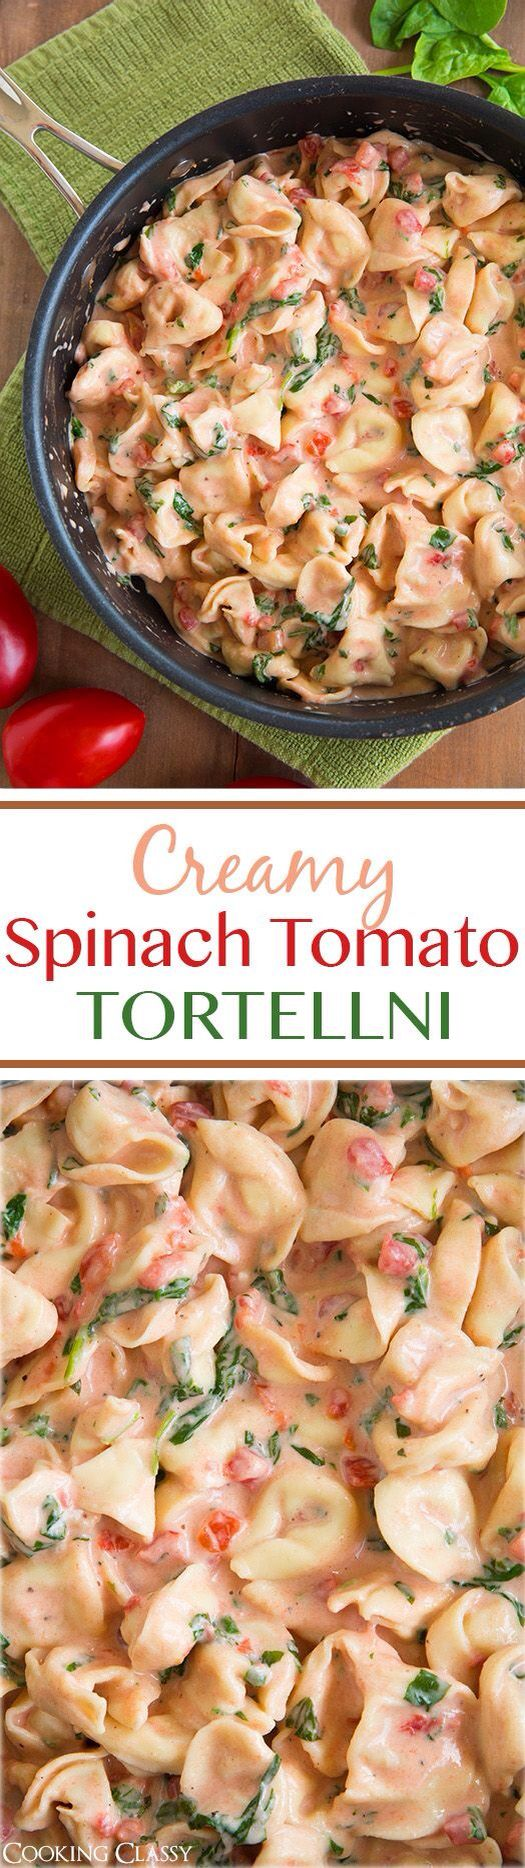 Creamy spinach tomato tortellini